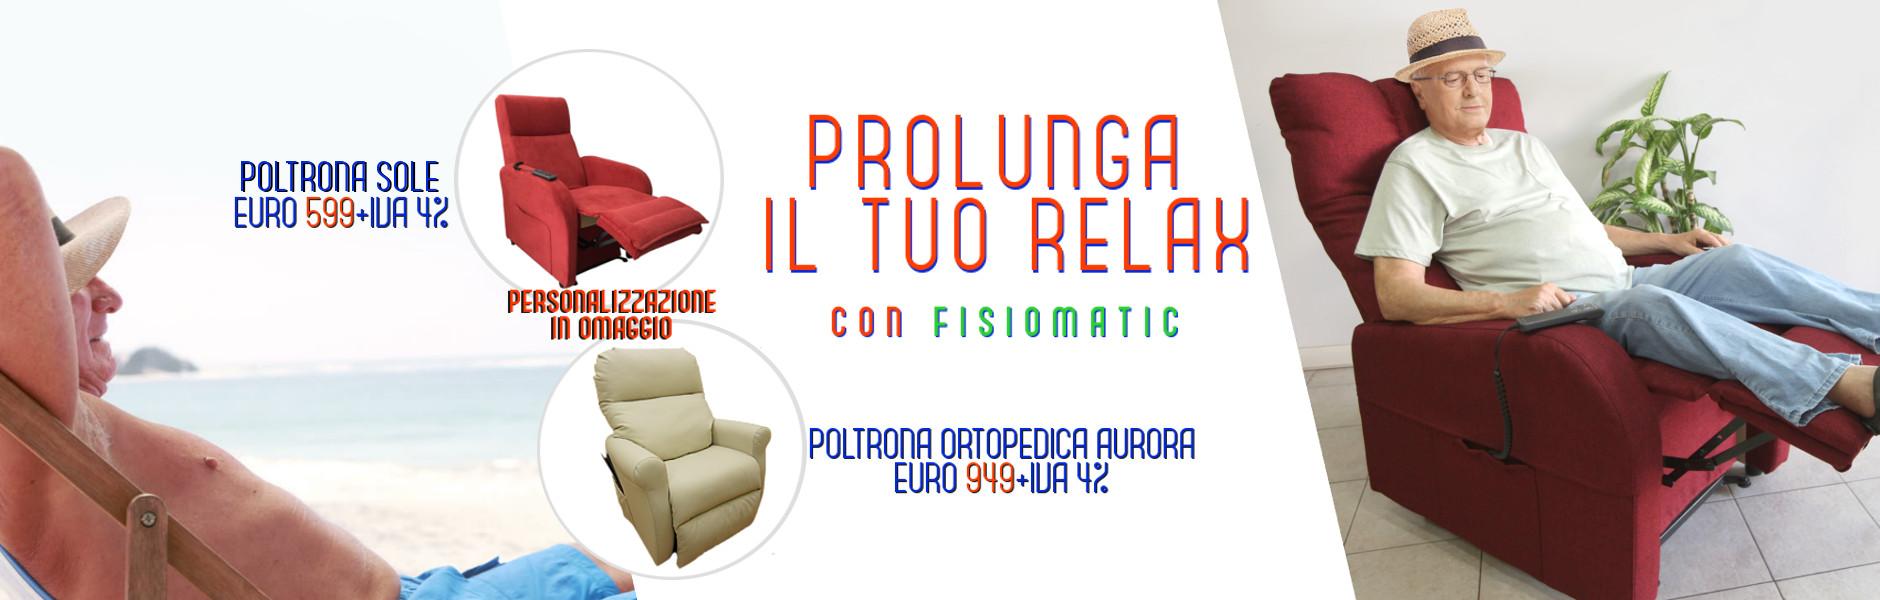 slide-prolunga-il-tuo-relax-con-le-promozioni-Fisiomatic-Relax-System-Roma